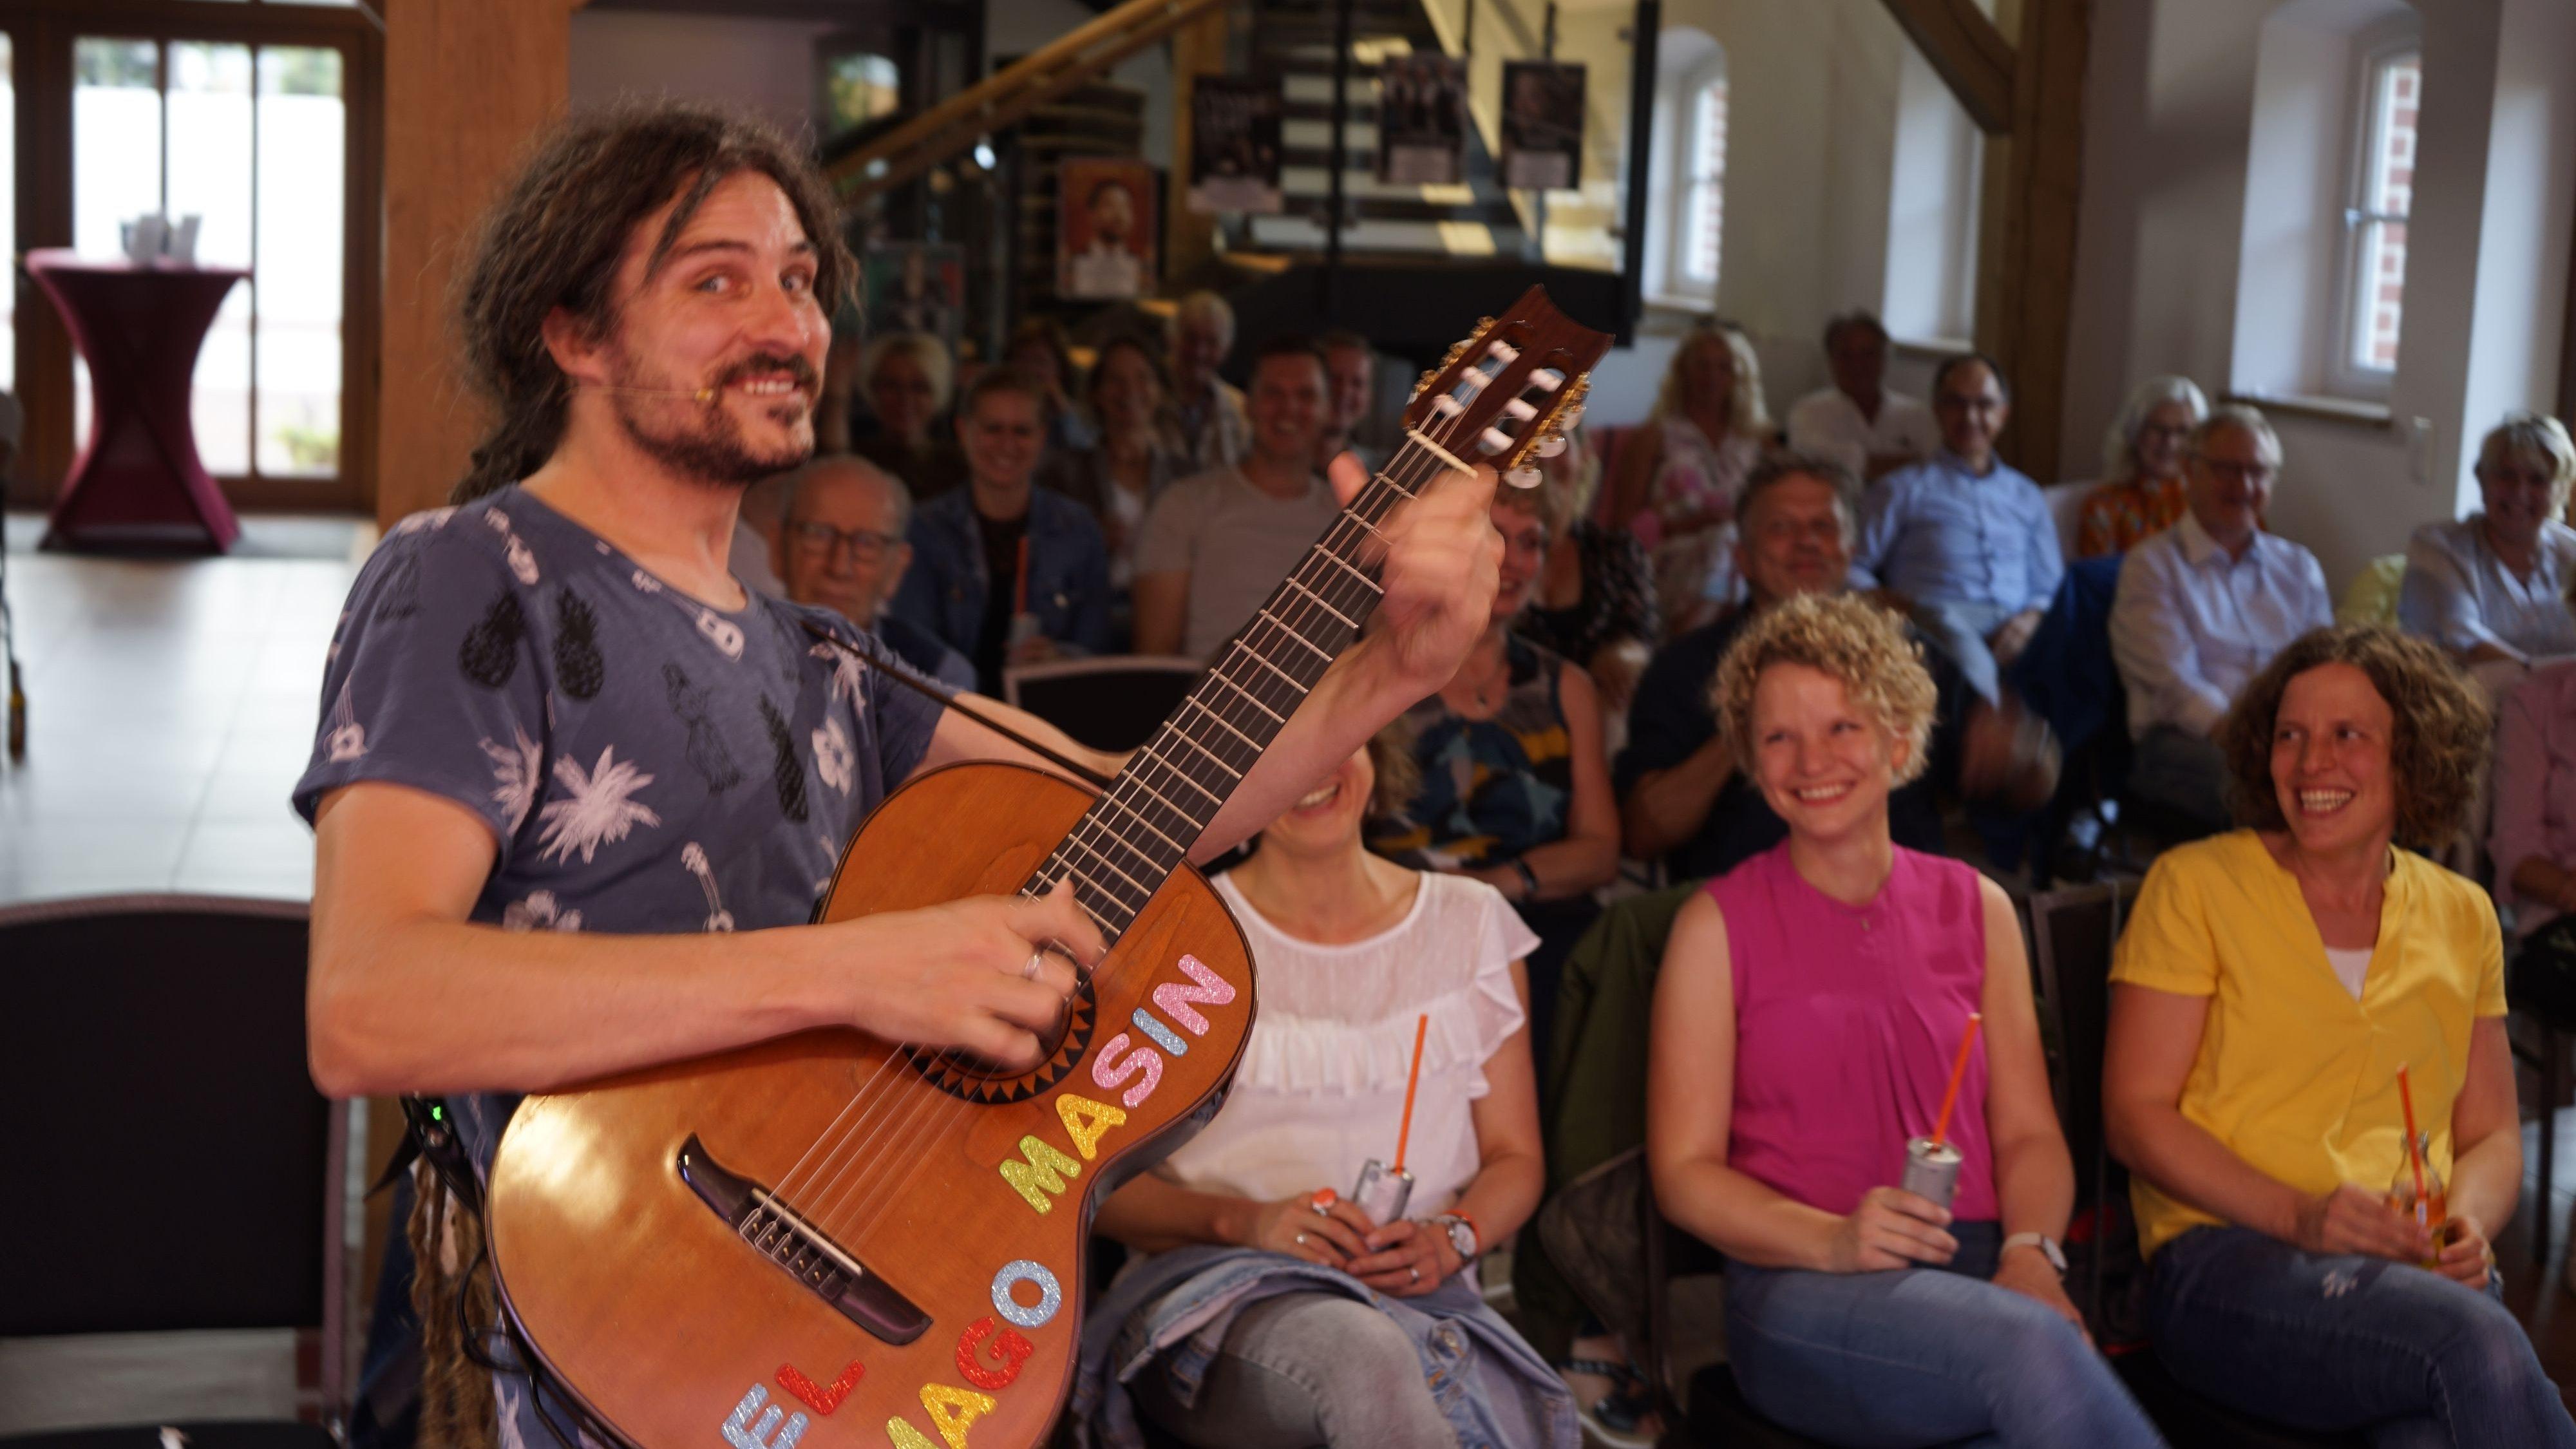 Das Publikum ist außer sich: El Mago Masin sorgt für schallendes Gelächter in der Kulturscheune. Foto: Frerich